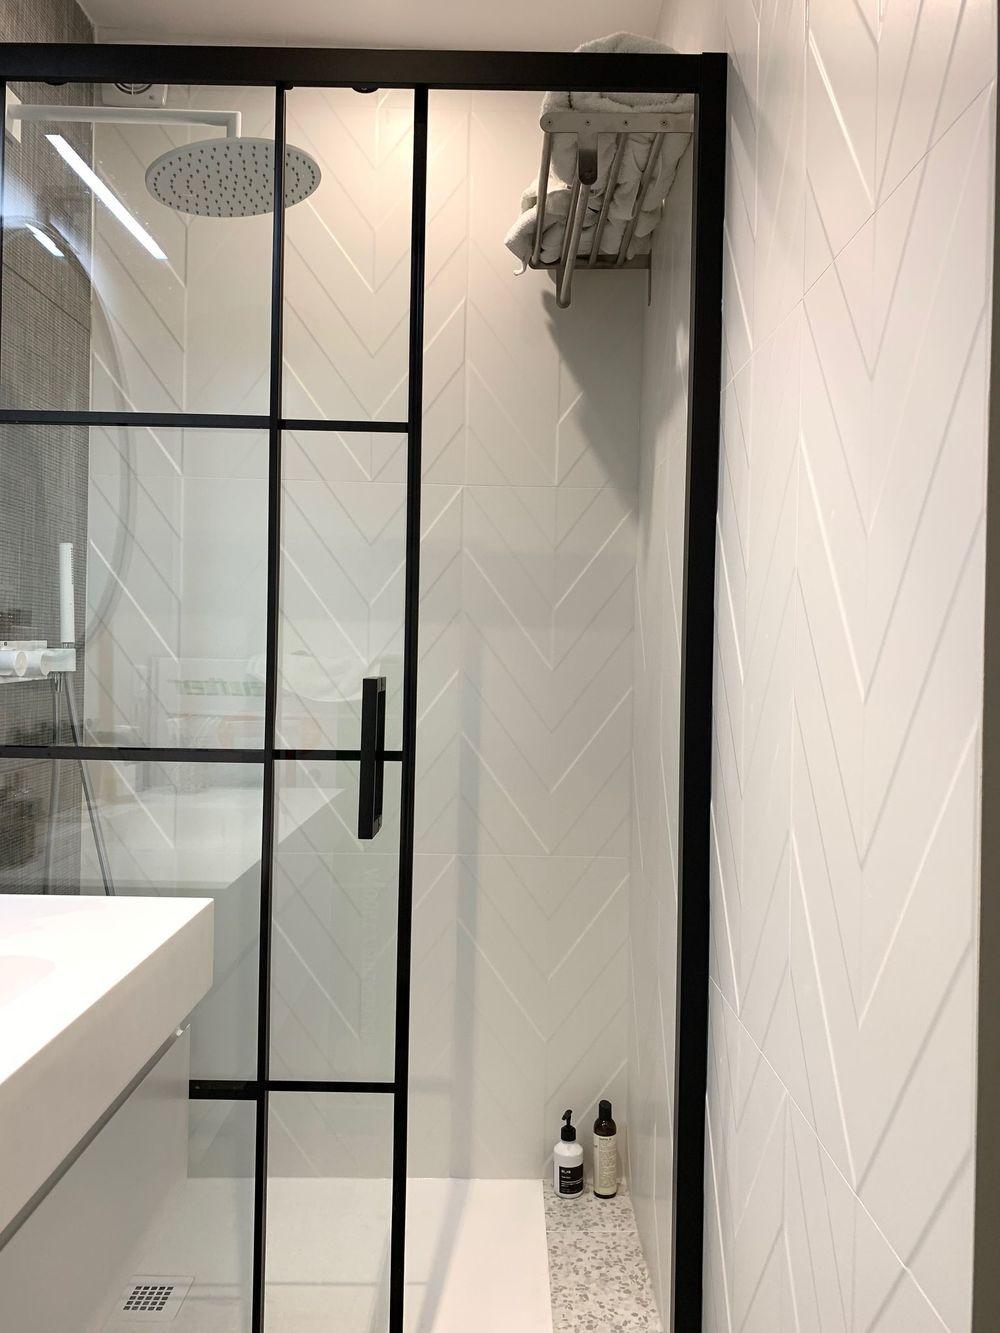 Appartement Paris 3 Renovation 50 M2 Avec Balcon Salle De Bain Salle De Bain 3m2 Idee Salle De Bain